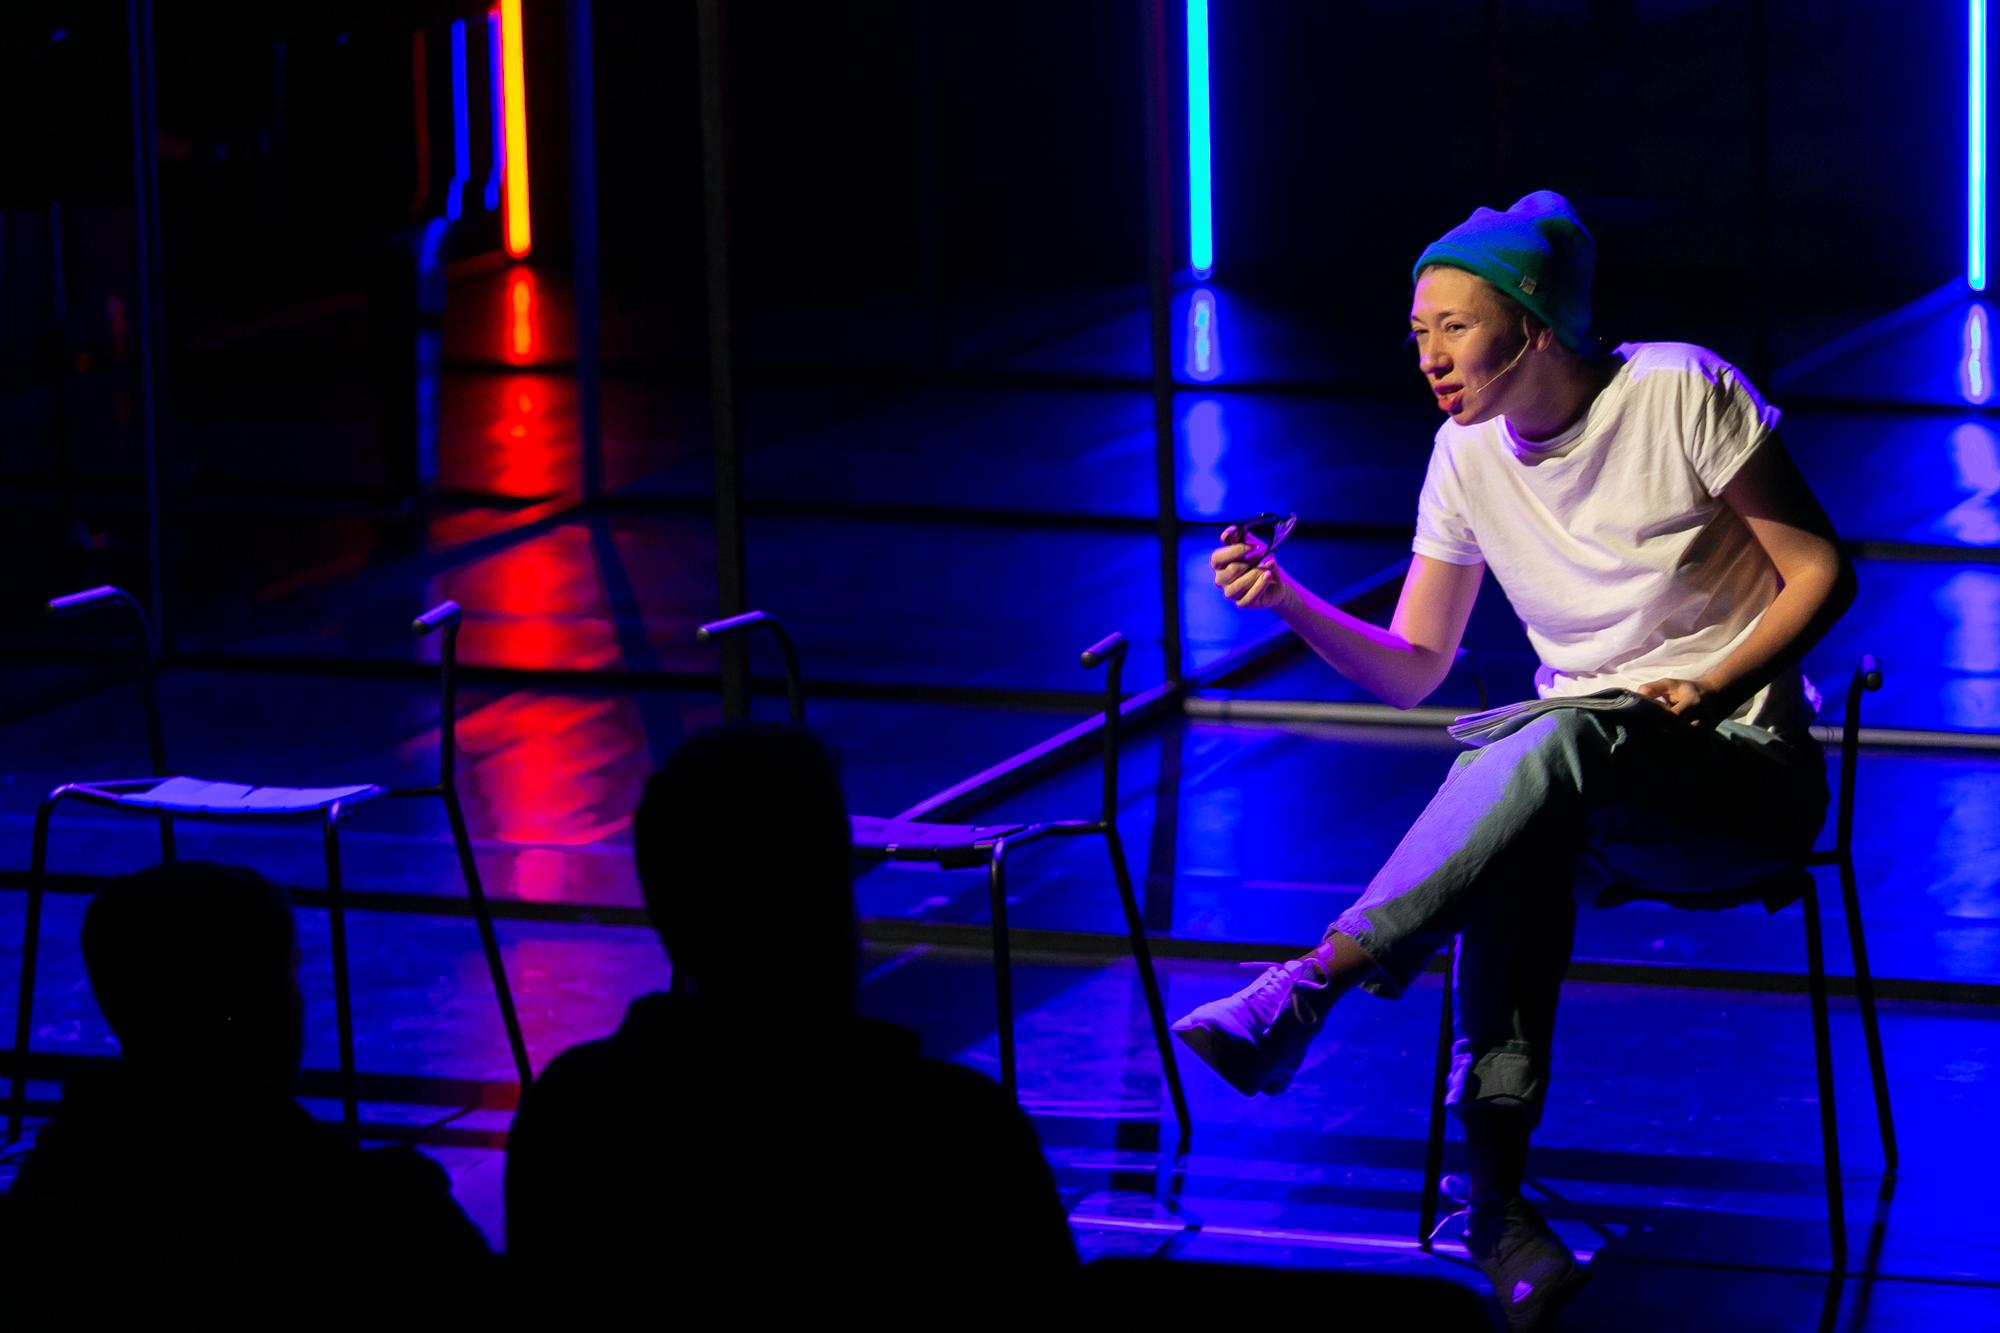 Na przedzie sceny, oświetlonej błękitnym światłem z pomarańczowym kontrapunktem polewej stronie stoją trzy metalowe krzesła bez oparcia. Na krześle z prawej strony siedzi Reżyser - kobieta w białej koszulce, czapce z dzianiny i dżinsach. Mówi coś do publiczności, gestykulująć ręką, w której trzyma okulary.